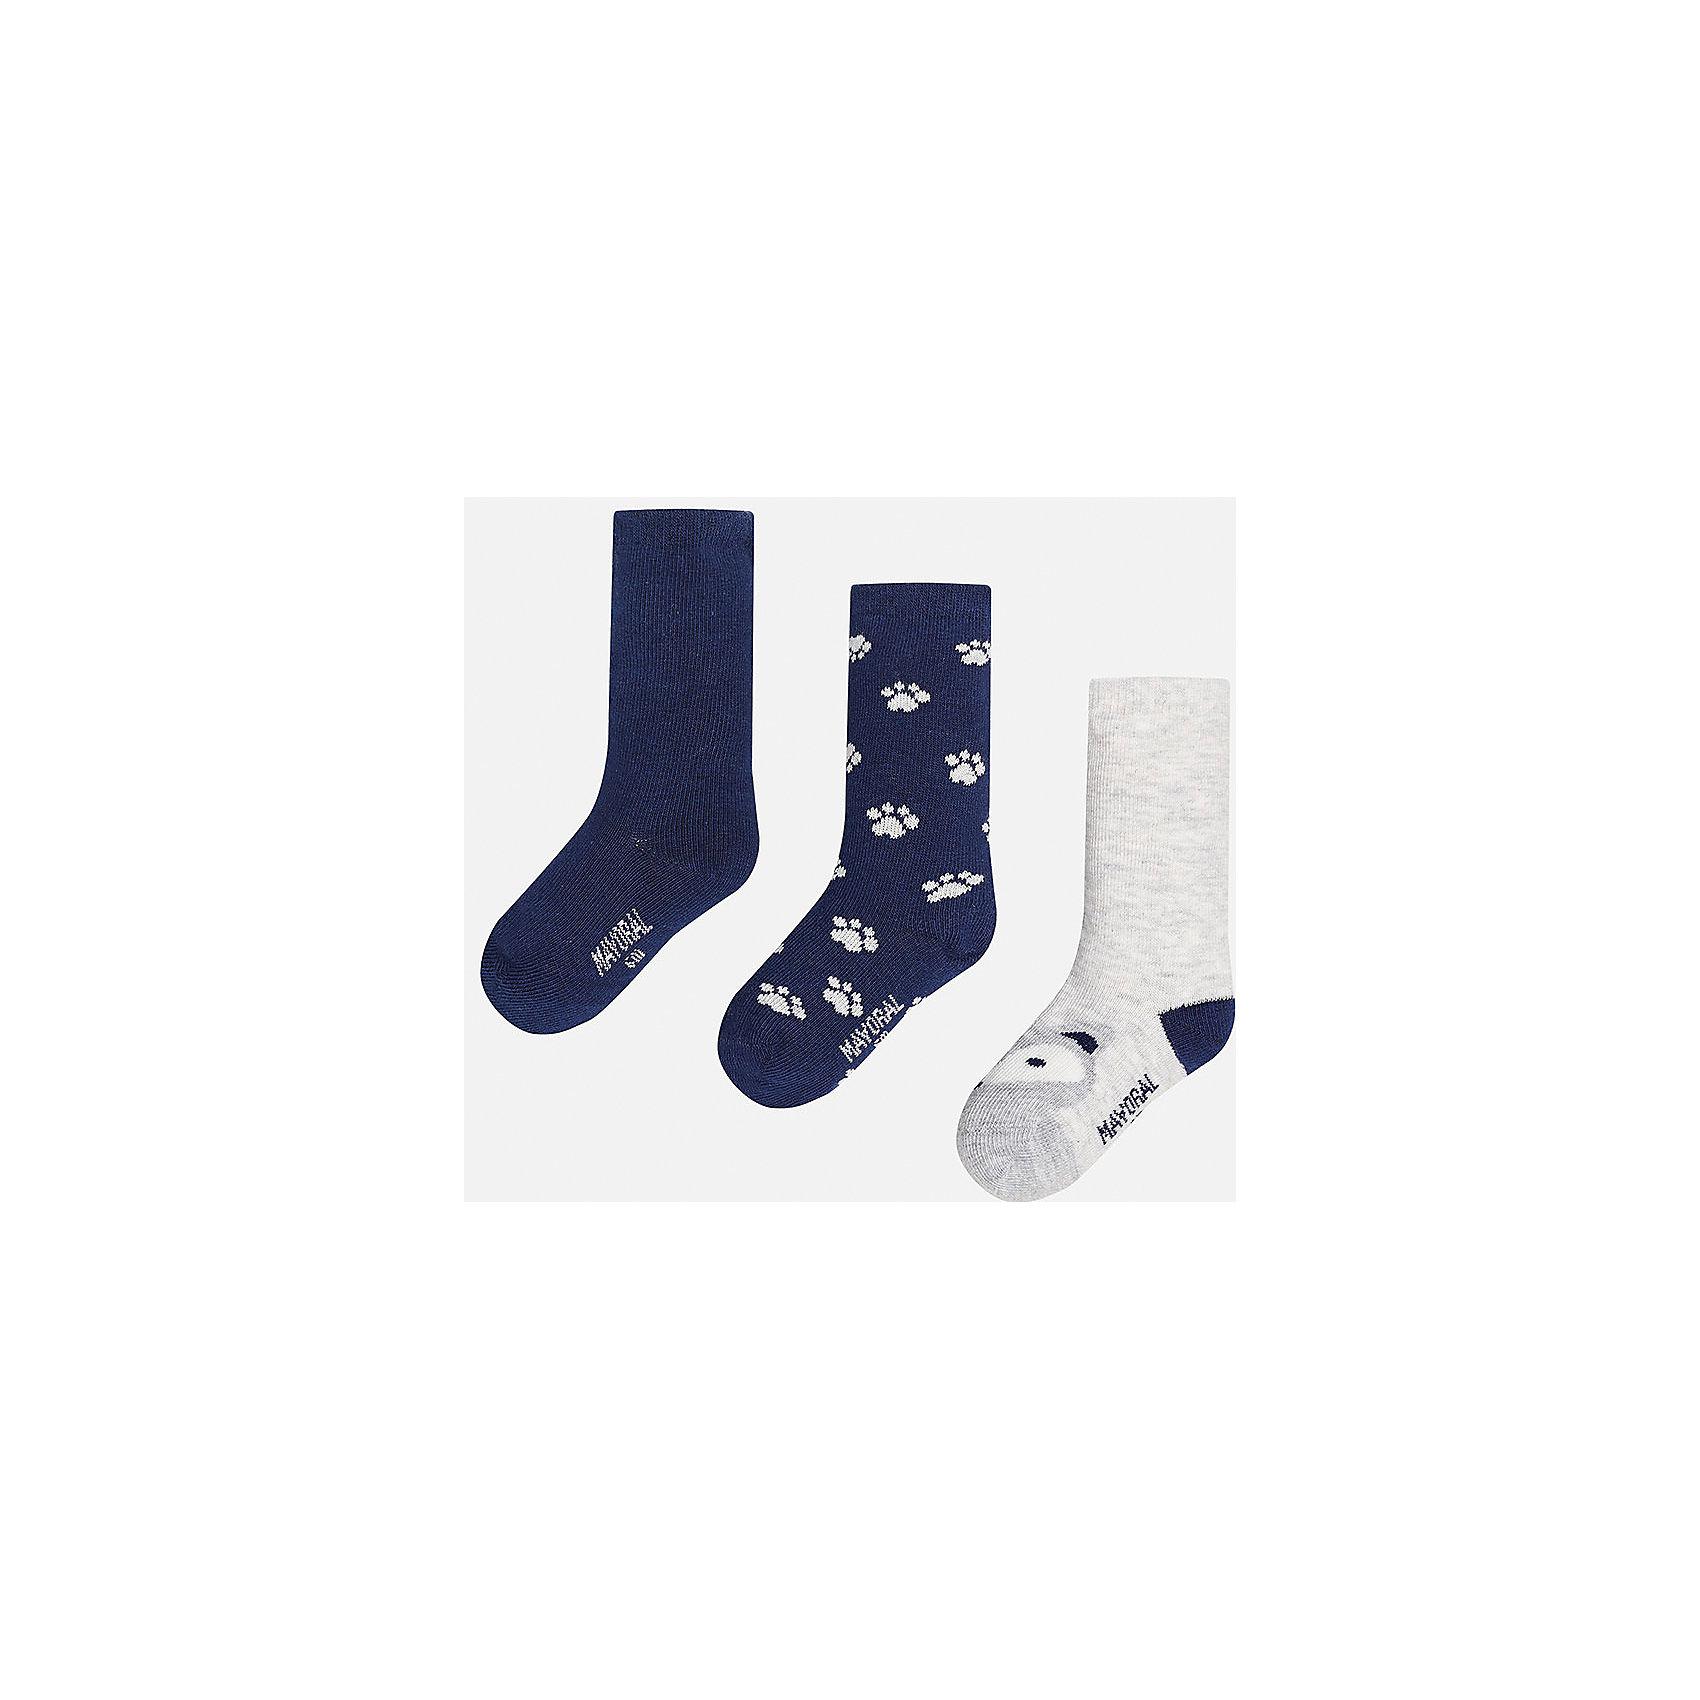 Носки для мальчика, 3 парыНоски<br>Набор из 3 пар носков для мальчиков от известного испанского бренда Mayoral. В комплекте носки разной расцветки: темно-синий, темно-синий с рисунком белые лапки, белый с темно-синей пяткой и серым носком с рисунком в виде зверюшки. Носки сделаны из специальных дышащих материалов, чтобы ноги ребенка не потели.<br>Дополнительная информация:<br>-разная расцветка<br>-состав: 72% хлопок, 25% полиамид, 3% эластан<br>Комплект носков Mayoral можно приобрести в нашем интернет-магазине.<br><br>Ширина мм: 87<br>Глубина мм: 10<br>Высота мм: 105<br>Вес г: 115<br>Цвет: синий<br>Возраст от месяцев: 9<br>Возраст до месяцев: 12<br>Пол: Мужской<br>Возраст: Детский<br>Размер: 1,2<br>SKU: 4820041